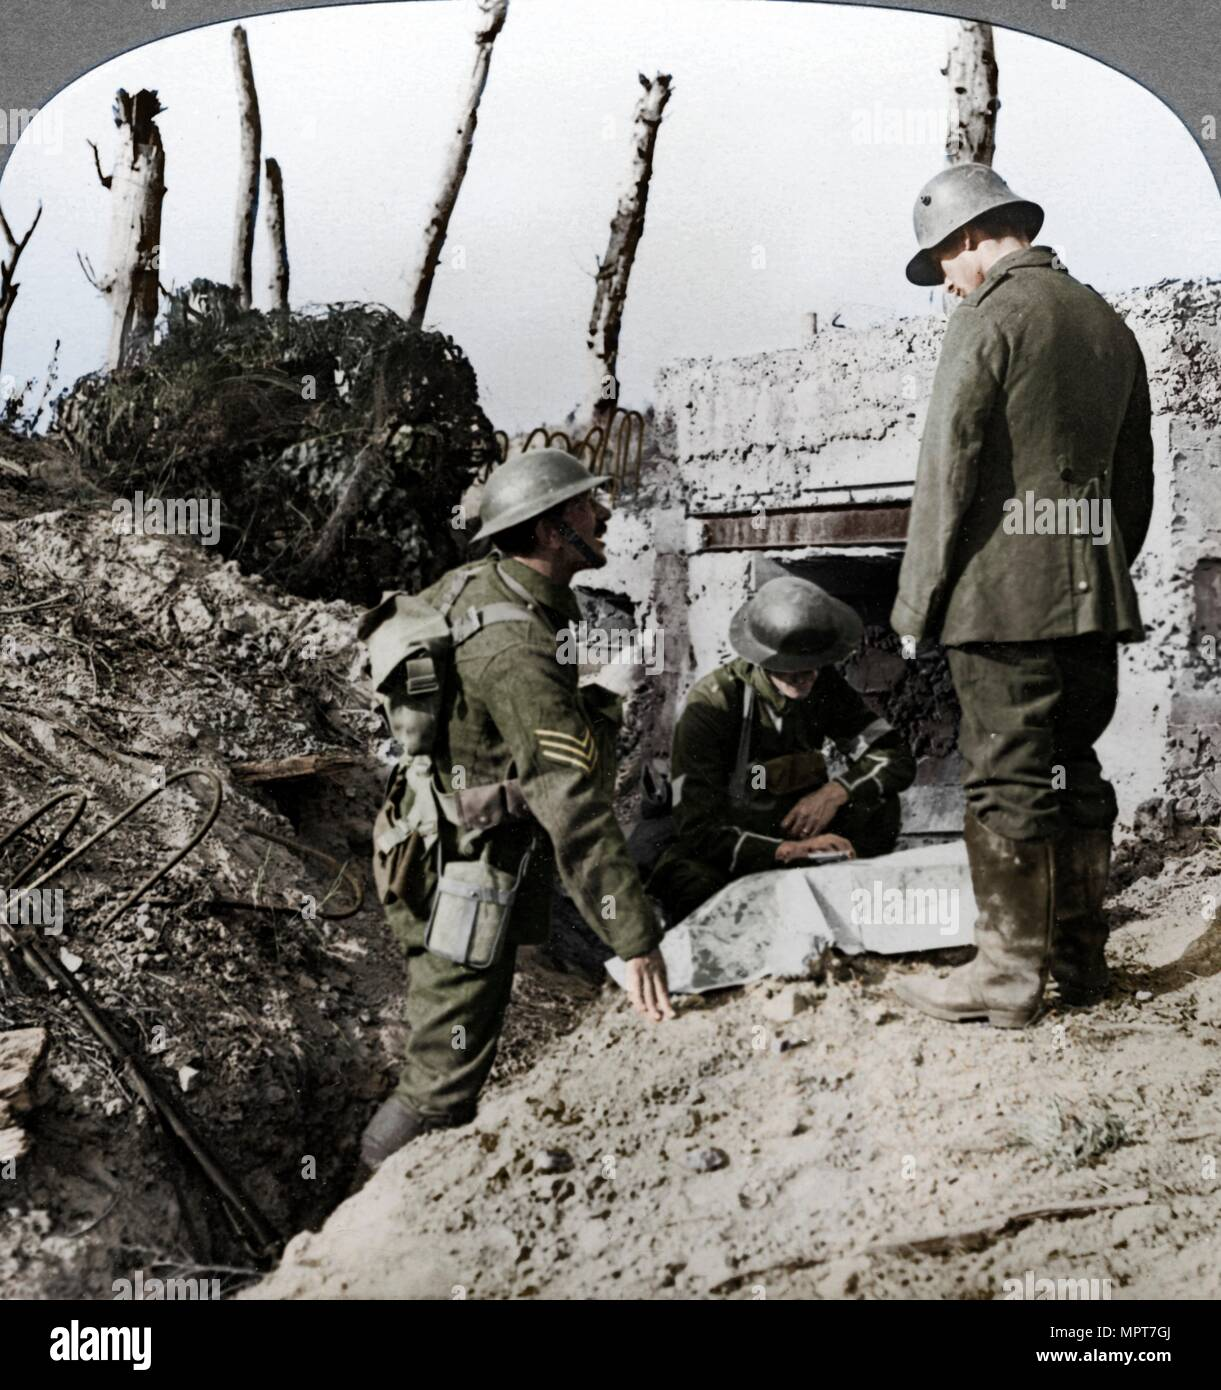 World War I 1914 Stock Photos & World War I 1914 Stock